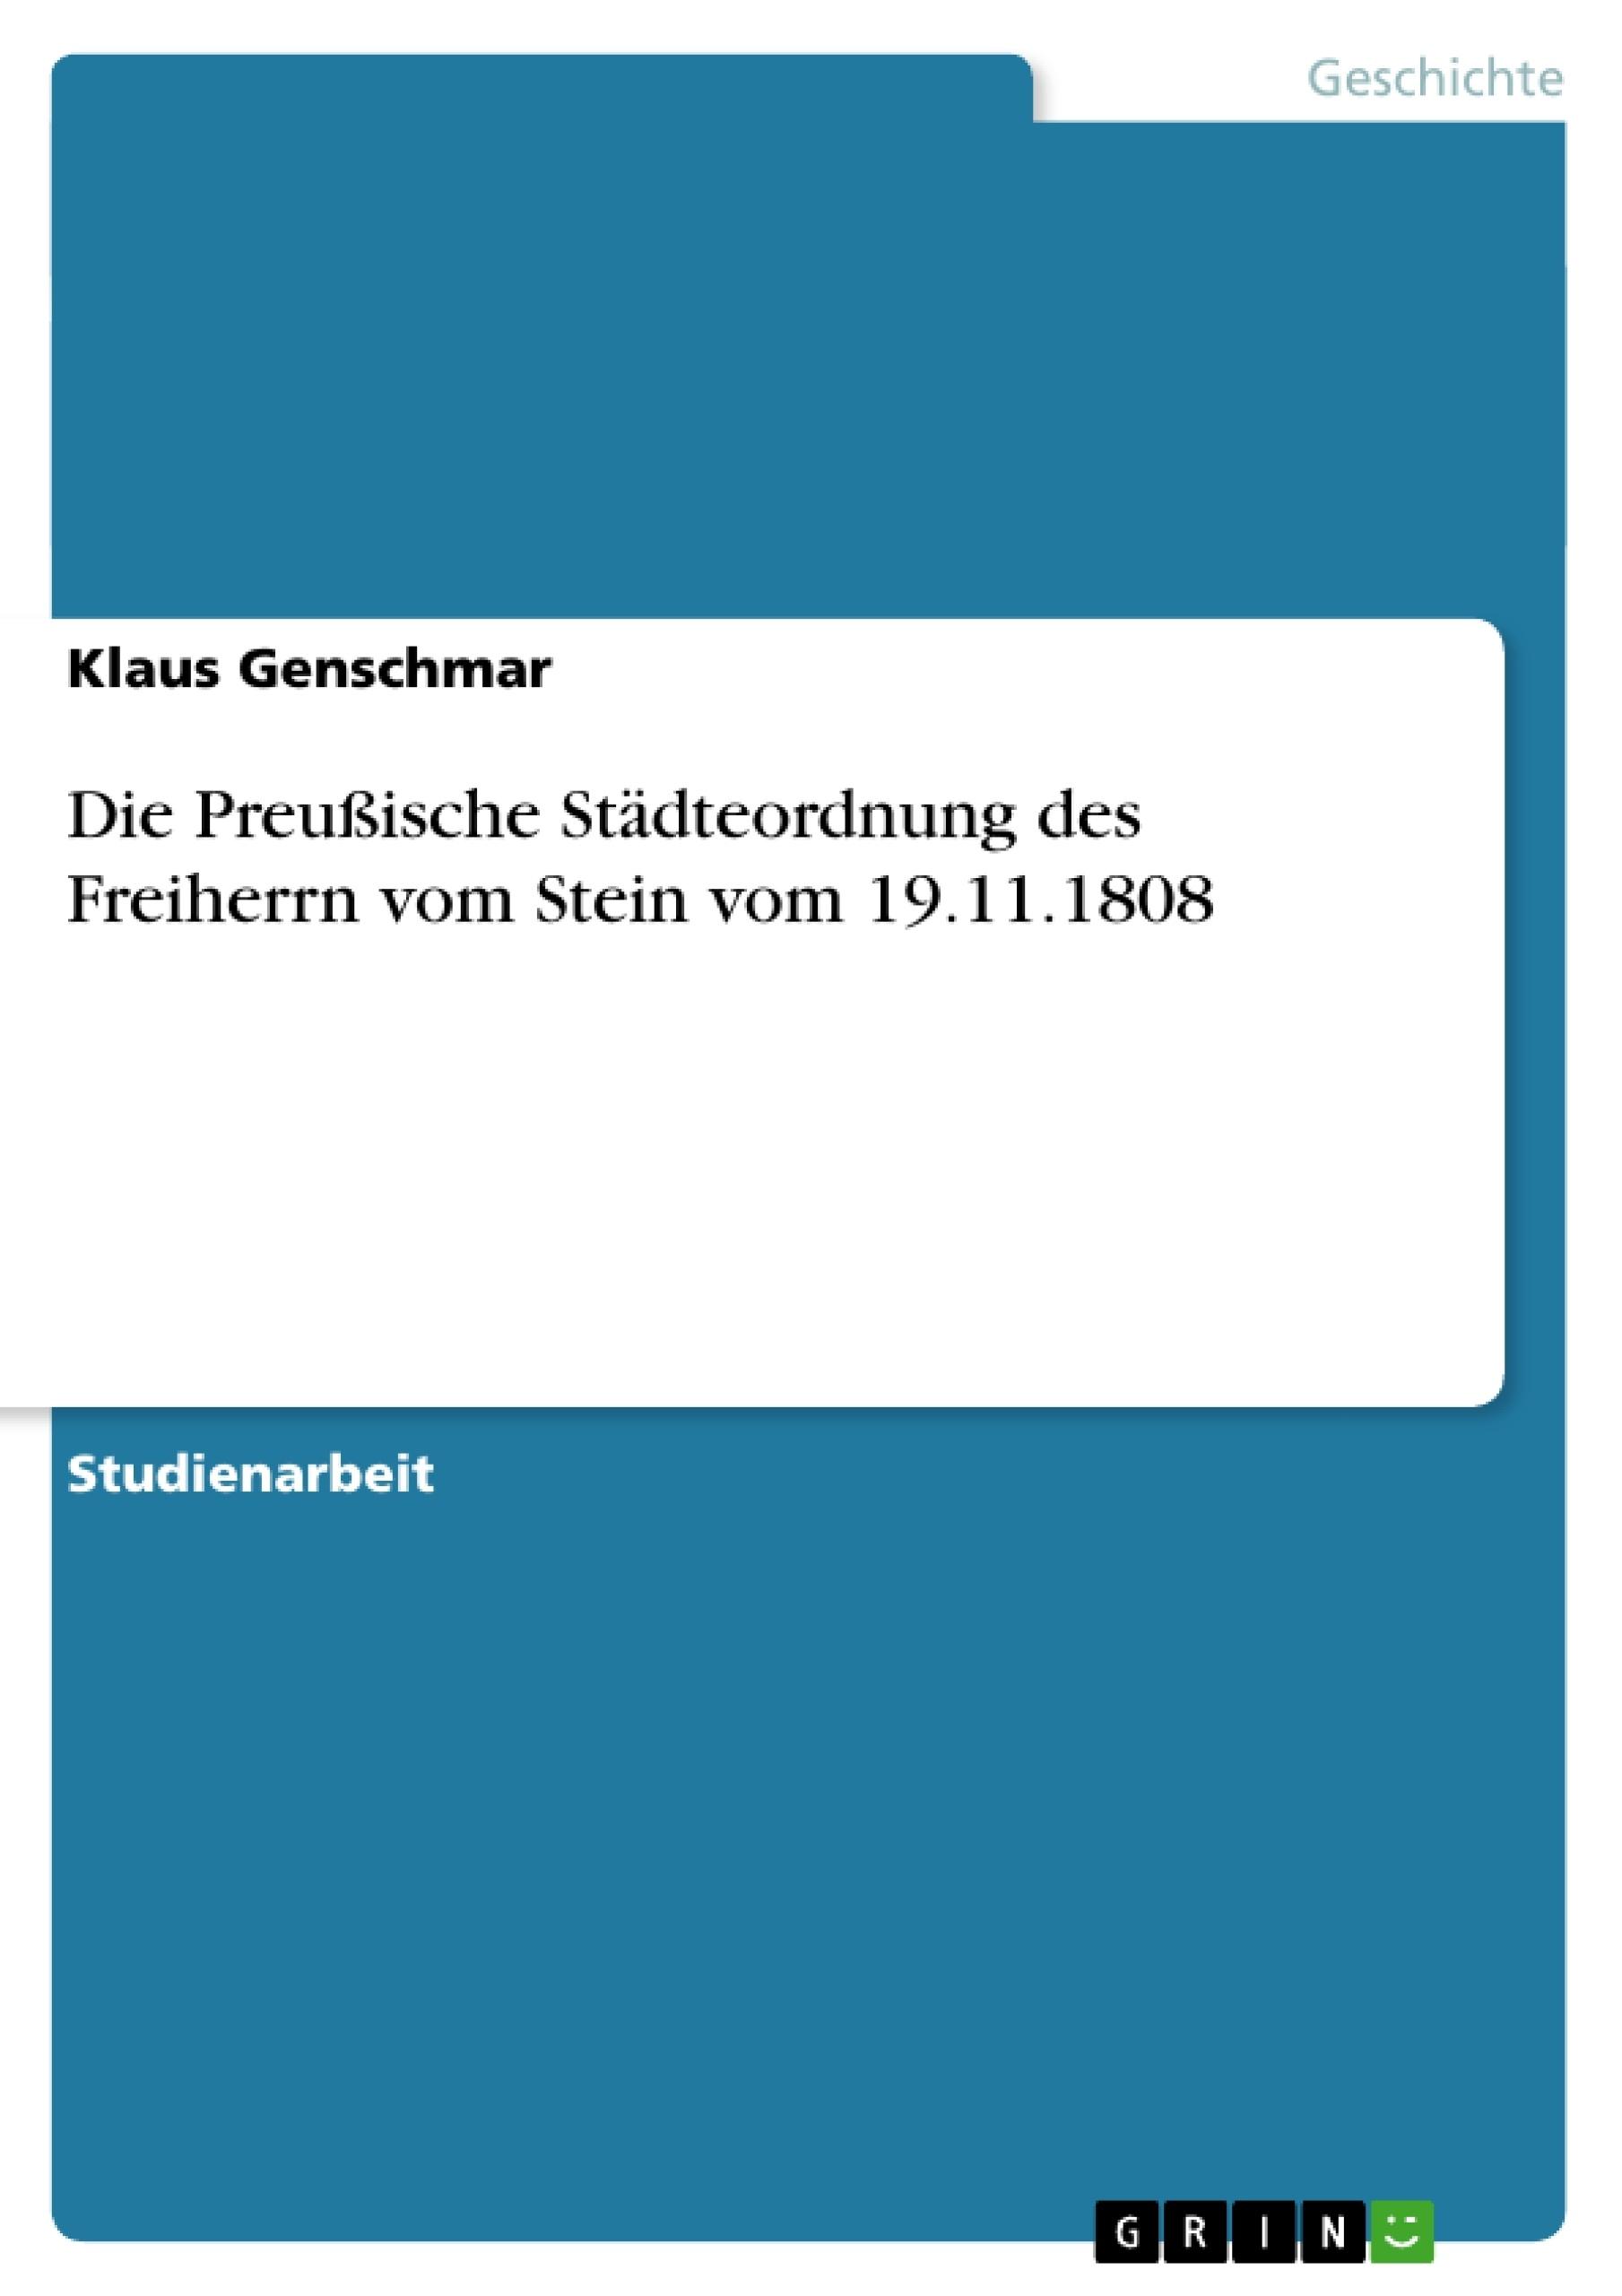 Titel: Die Preußische Städteordnung des Freiherrn vom Stein vom 19.11.1808